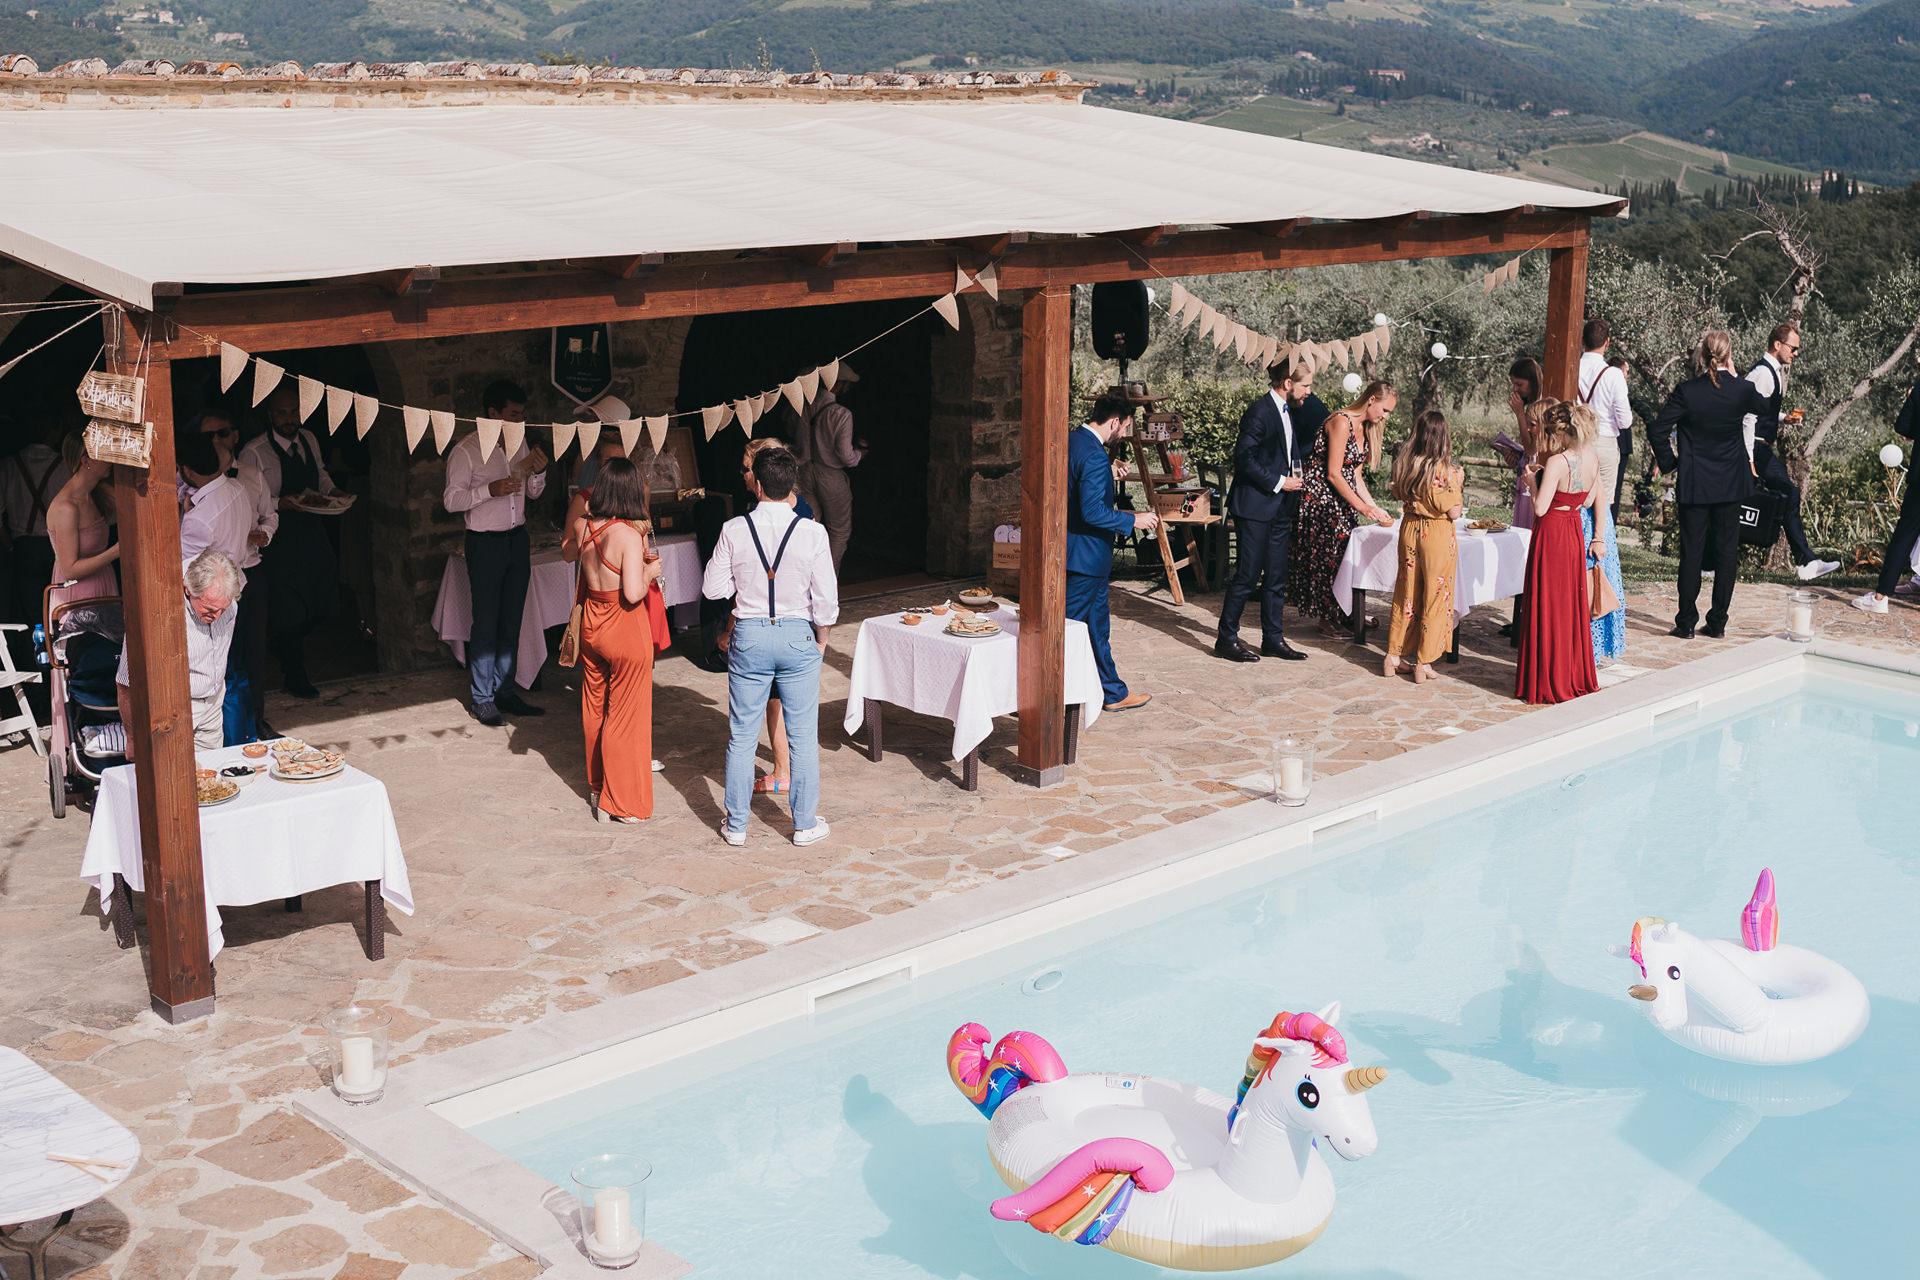 La Rimbecca in der Toskana - Hochzeitslocation für freie Trauungen - Hochzeitsreportage - Chris Reuter Hochzeitsfotograf